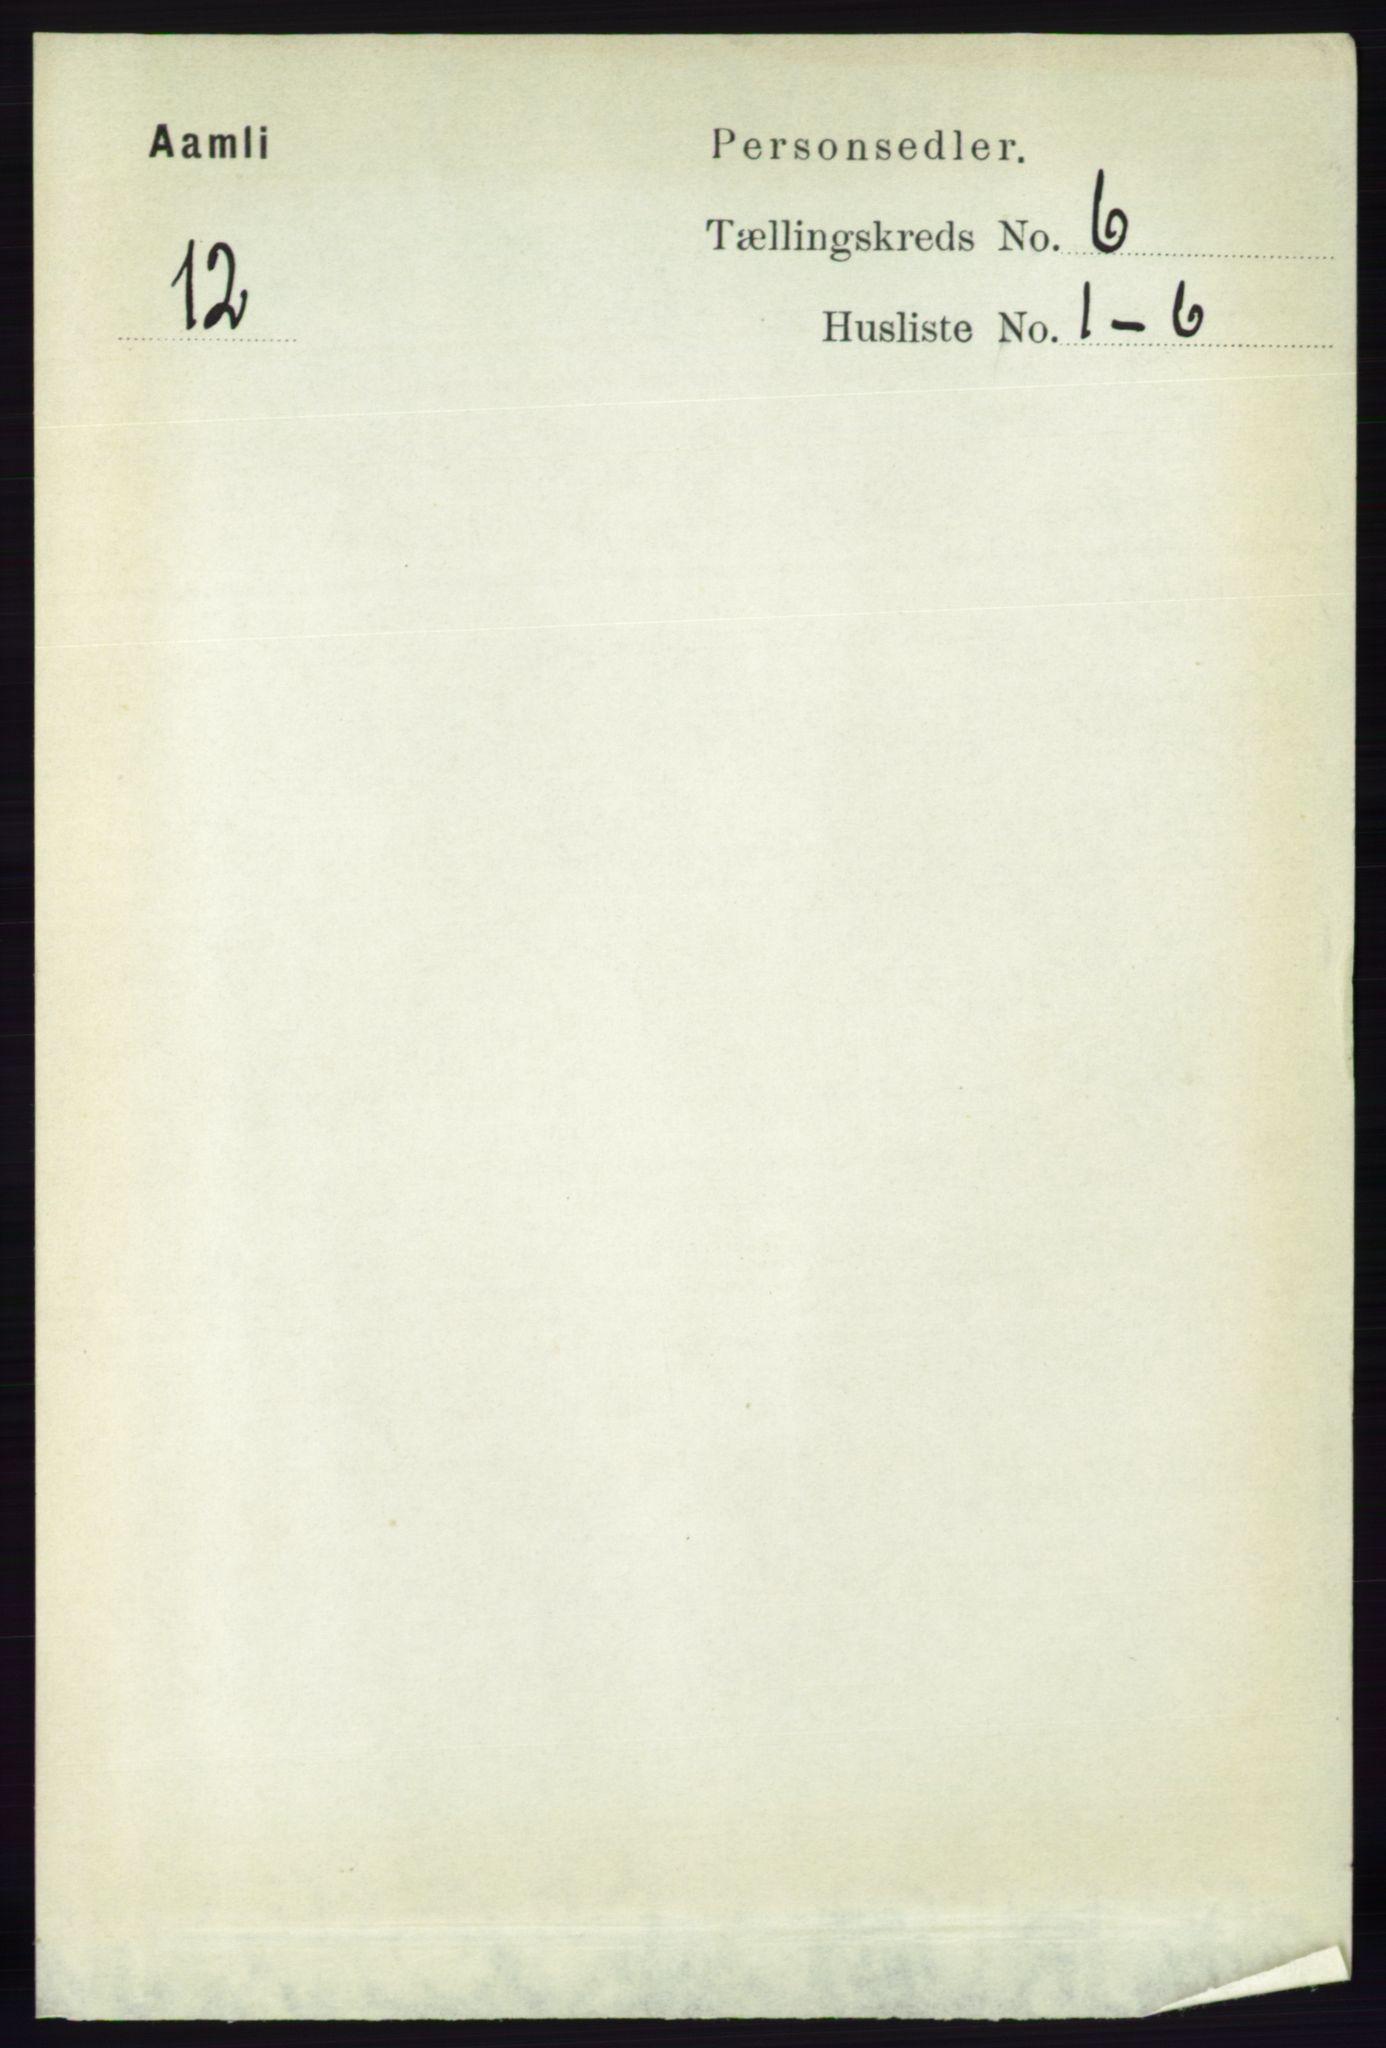 RA, Folketelling 1891 for 0929 Åmli herred, 1891, s. 867